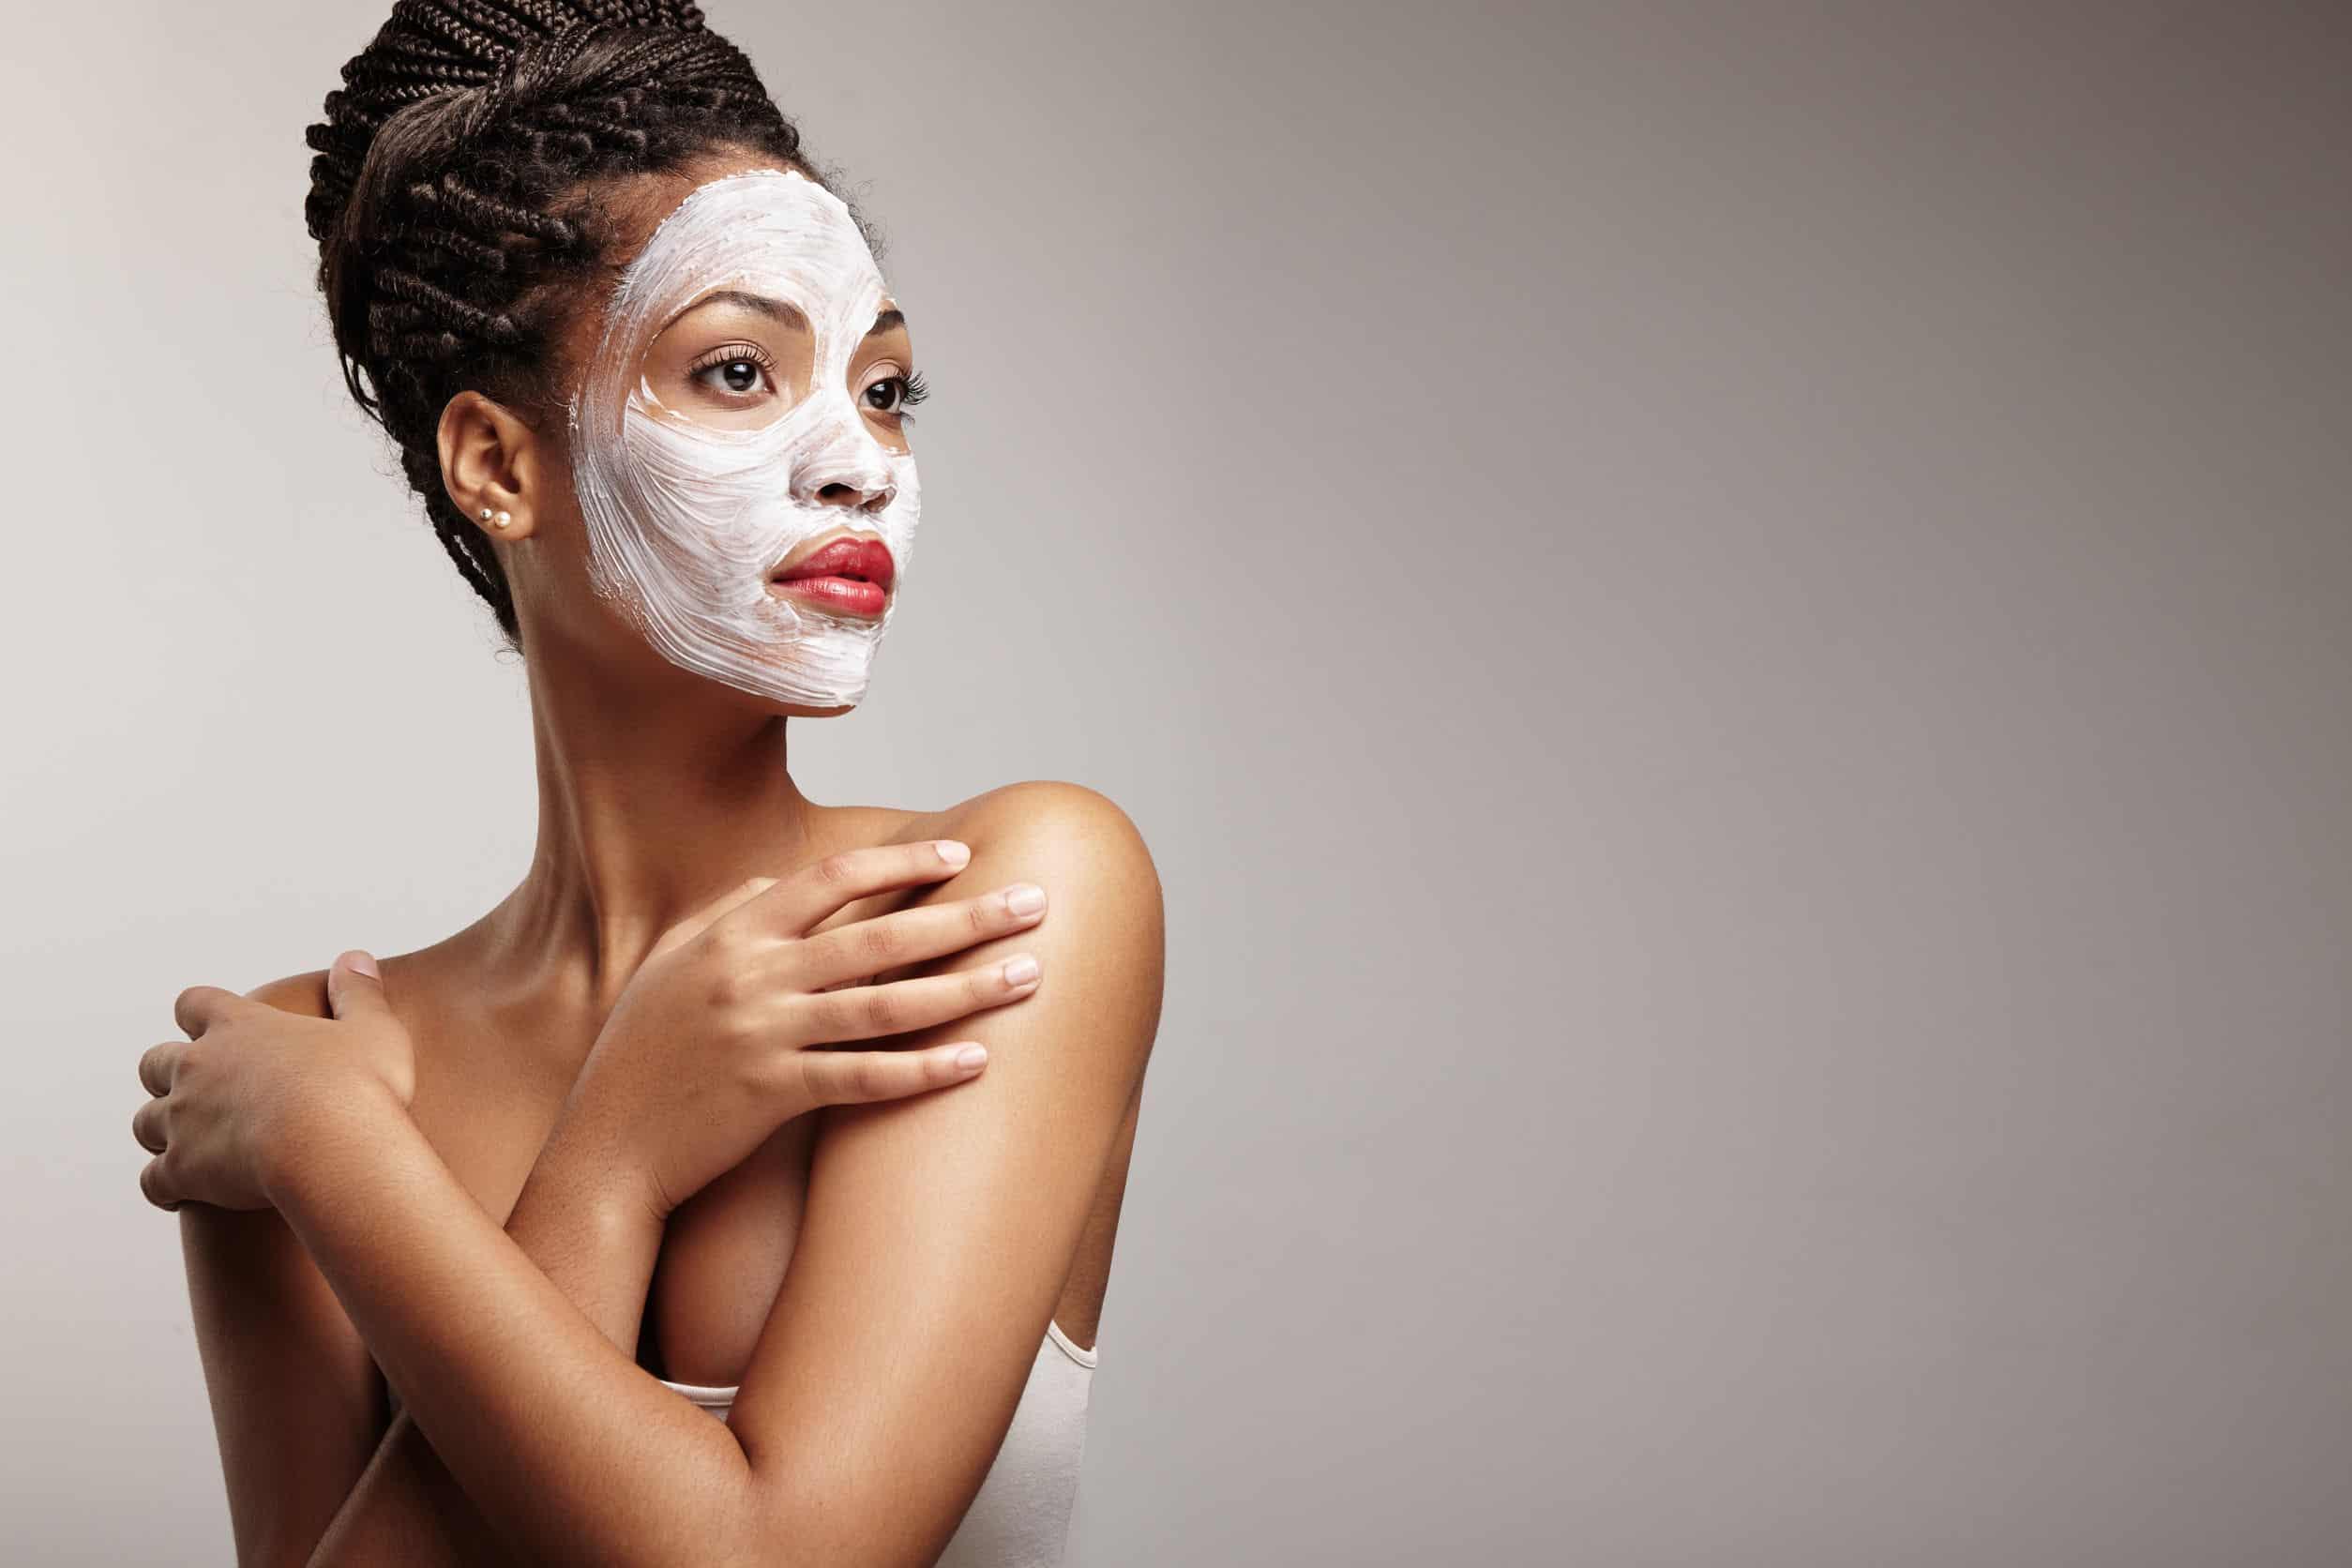 Gesichtsreinigungsbürste: Test & Empfehlungen (08/20)